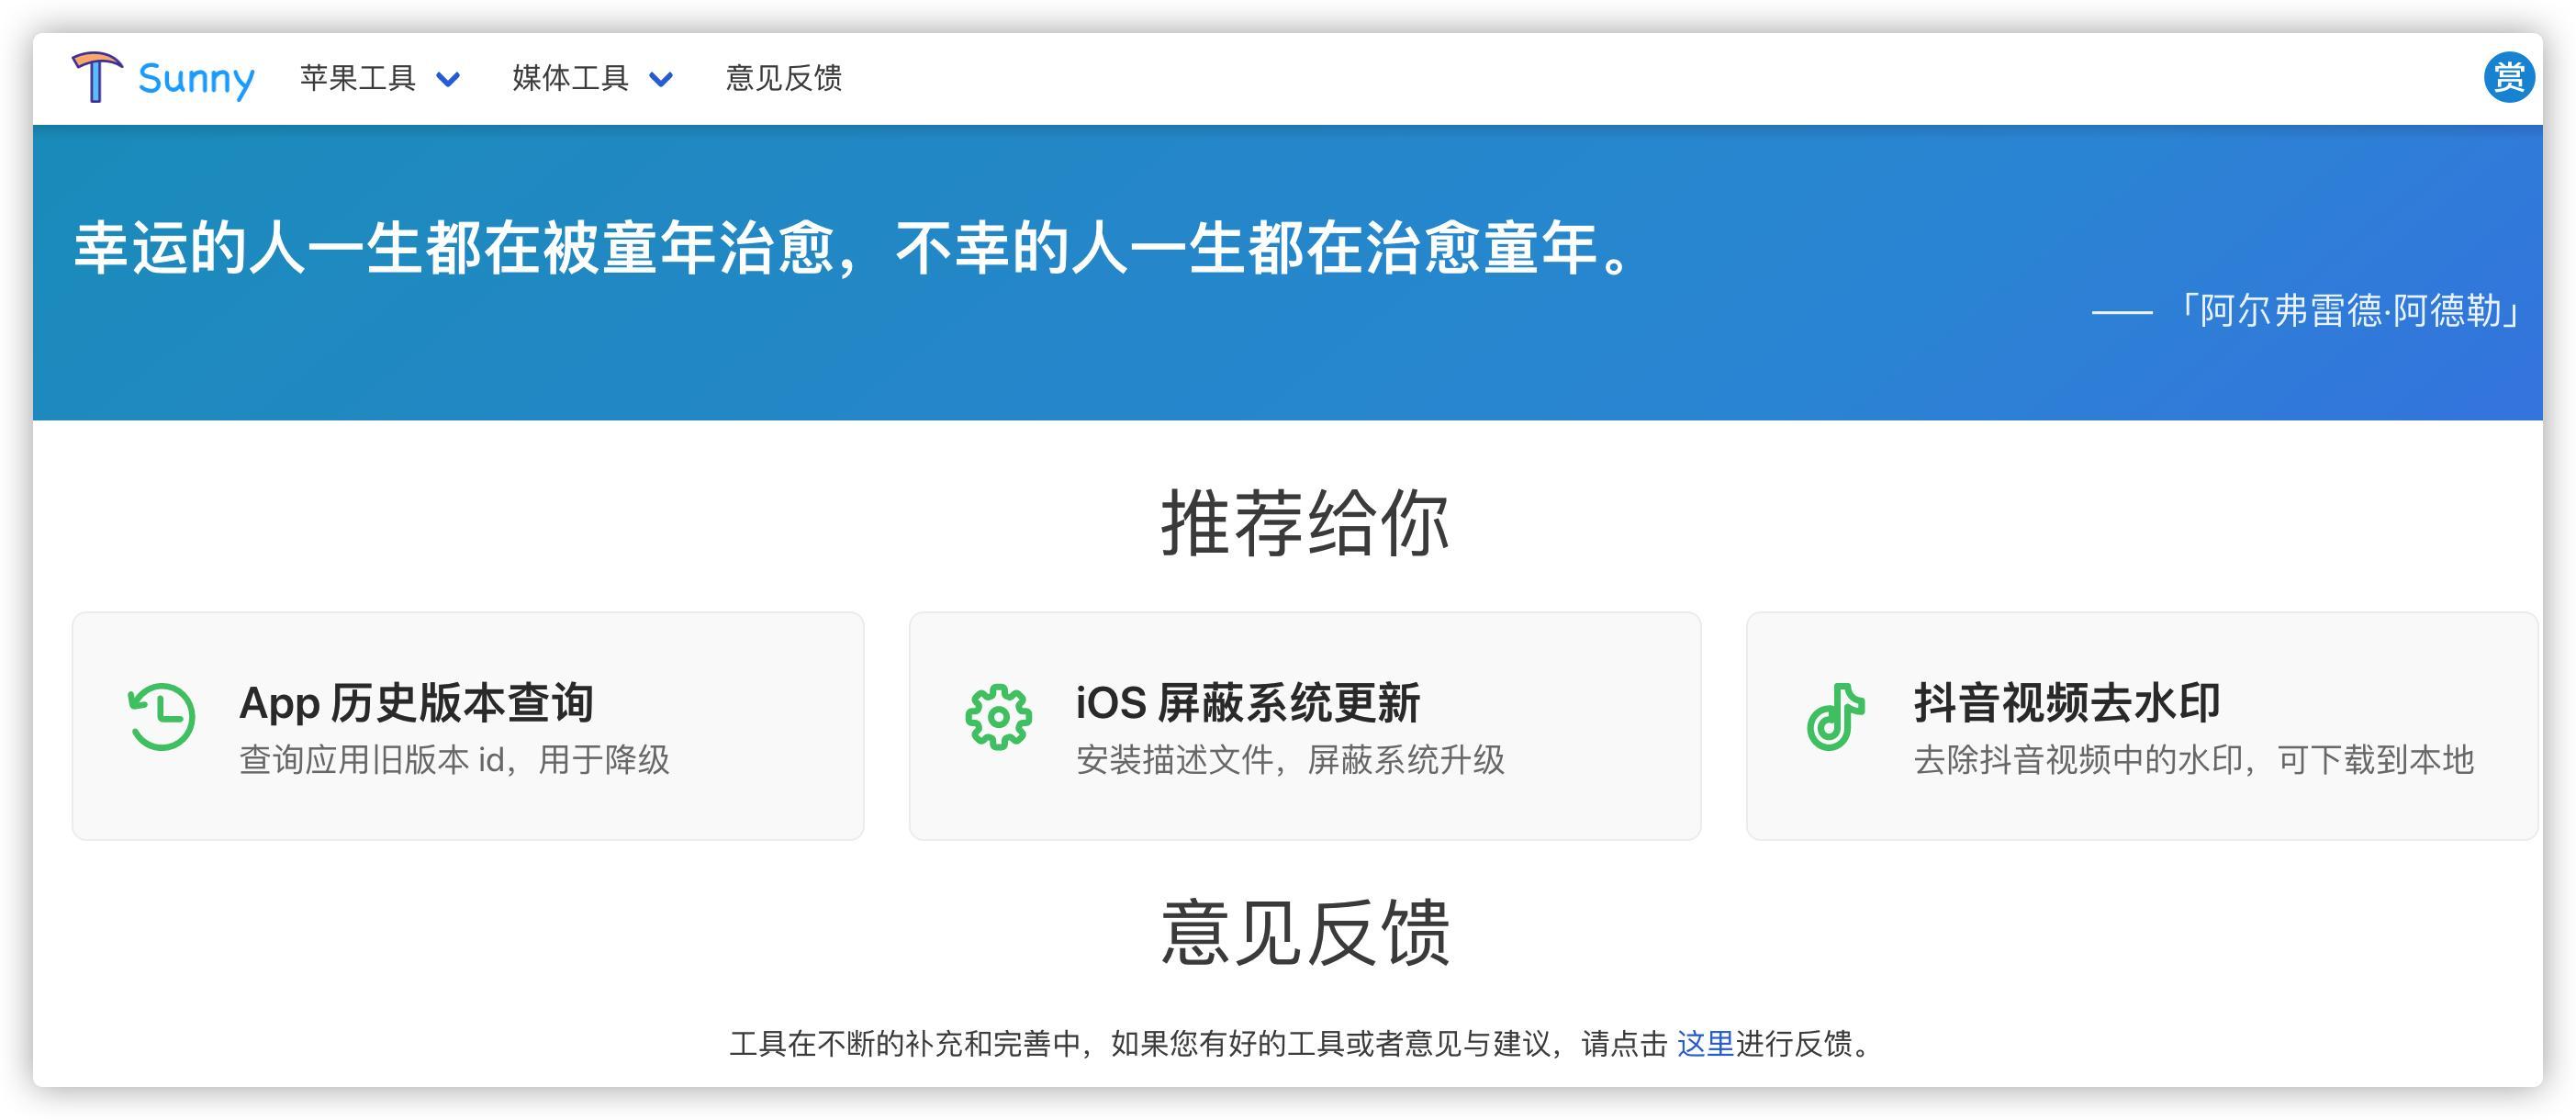 苹果APP历史版本查询  第1张